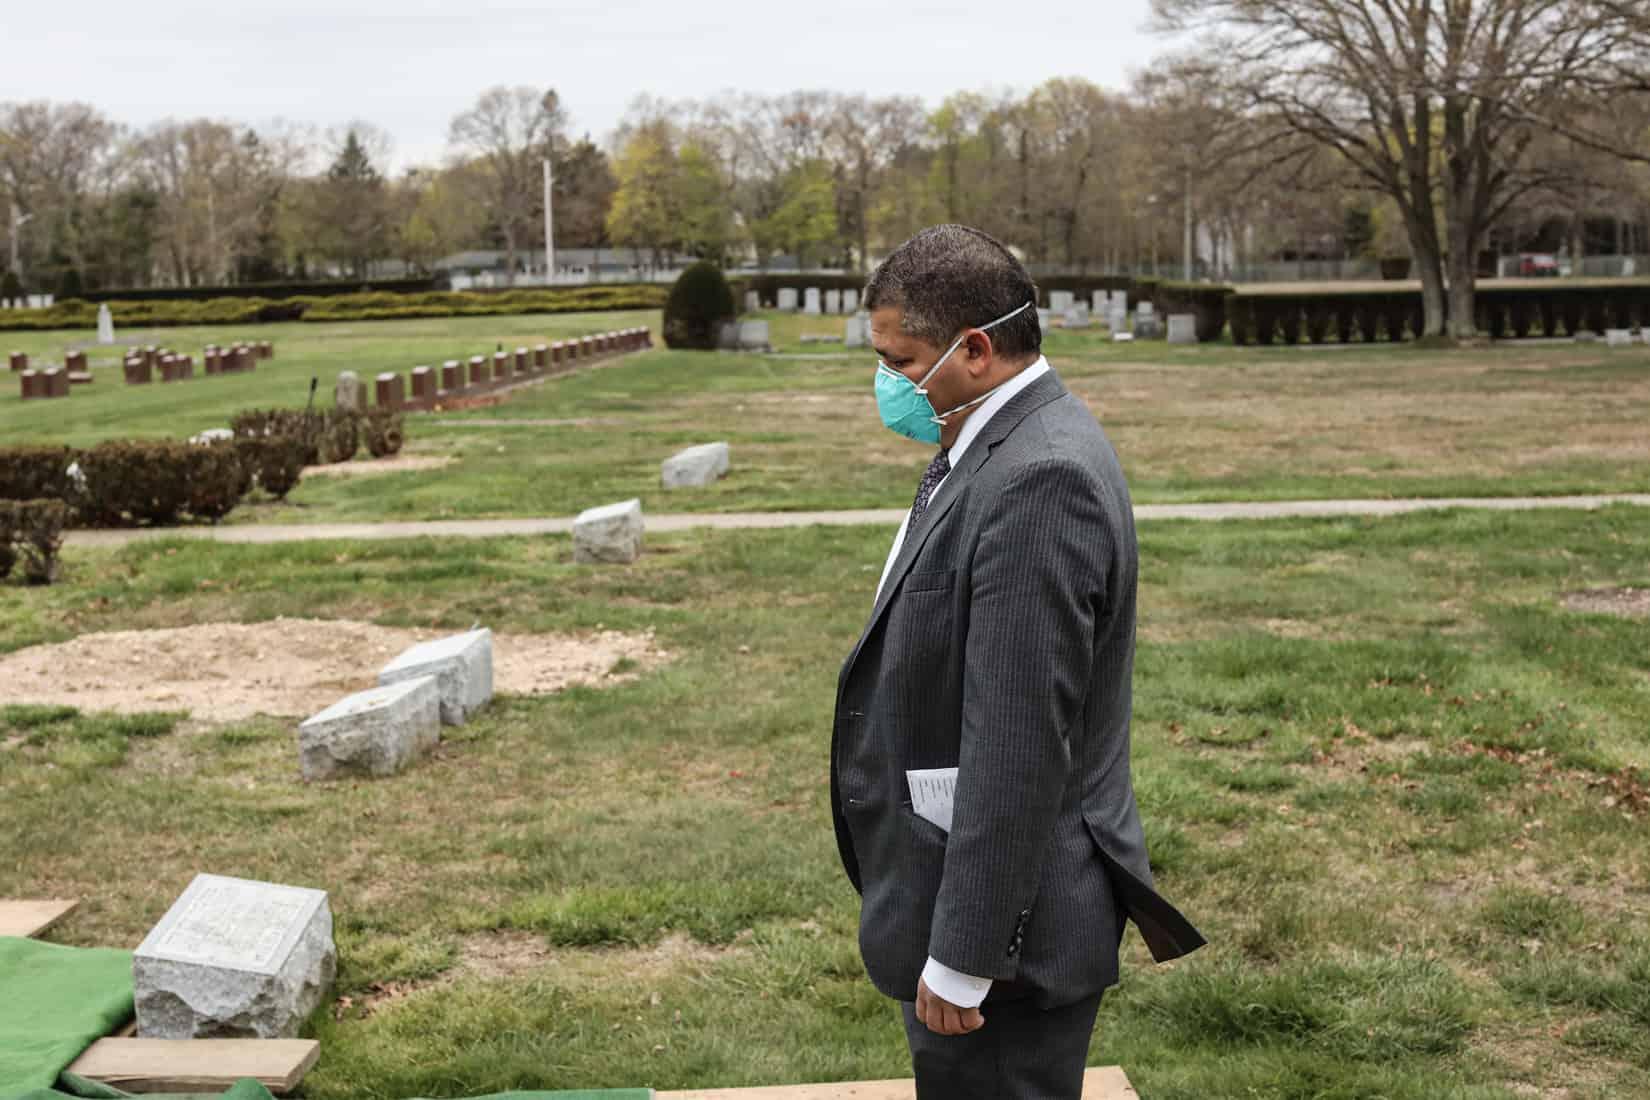 סטנלי פרנס, נהג רכב הקבורה של בית הלוויות גוטרמן, משתתף בלוויה של קורבן קורונה, שנקבר בלי בני משפחתו. מאי, 2020 (צילום: Jonathan Alpeyrie/Polaris Images)